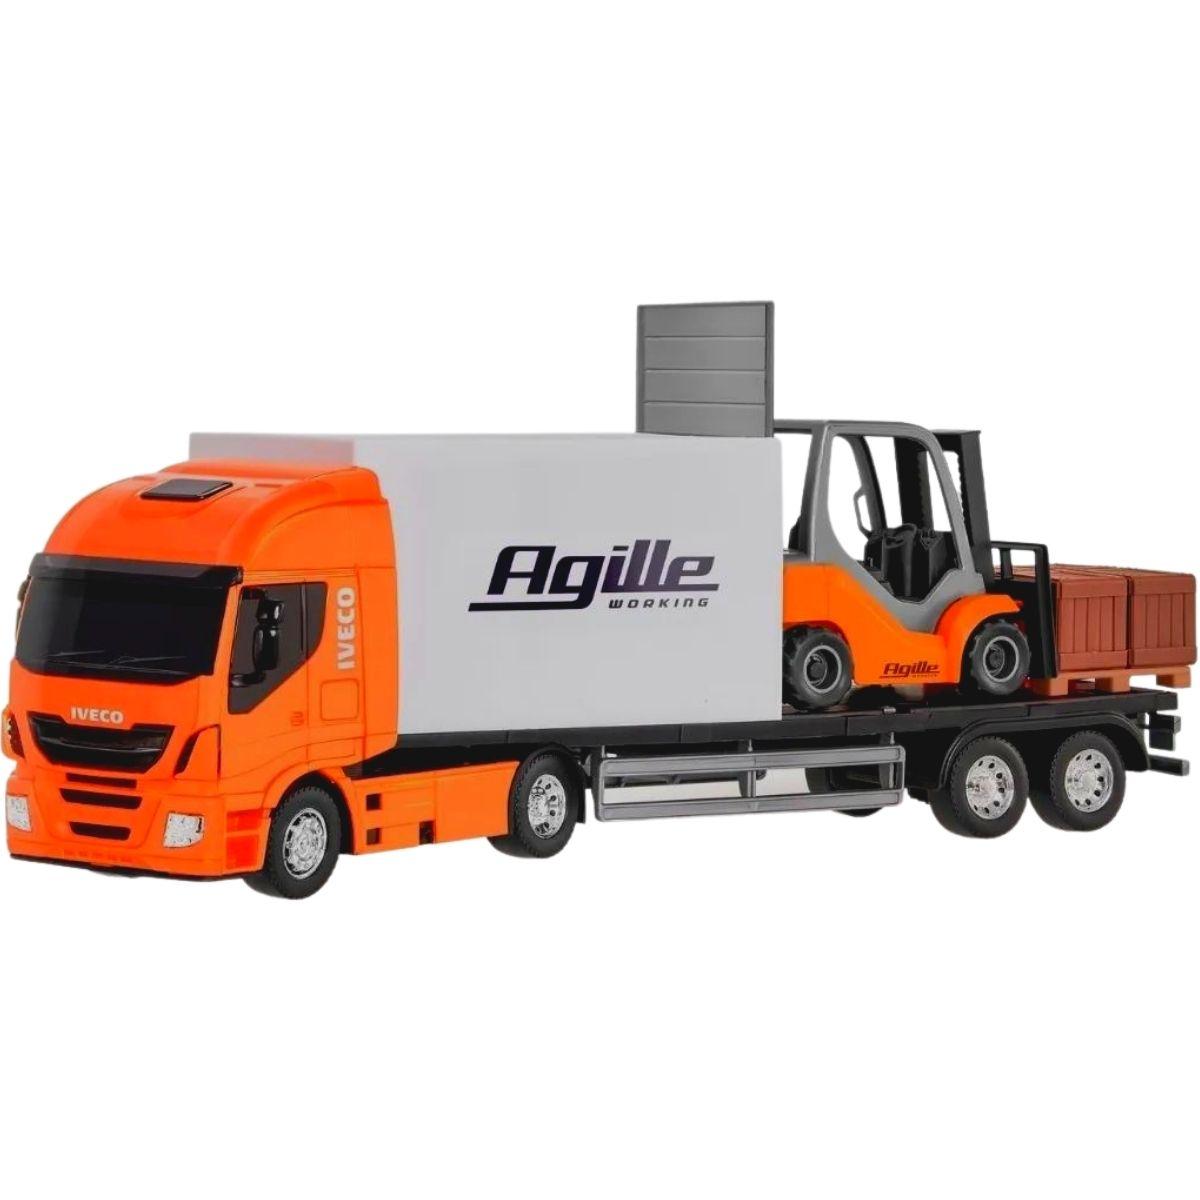 Caminhão Carreta Iveco C/empilhadeira Miniatura Agille Usual